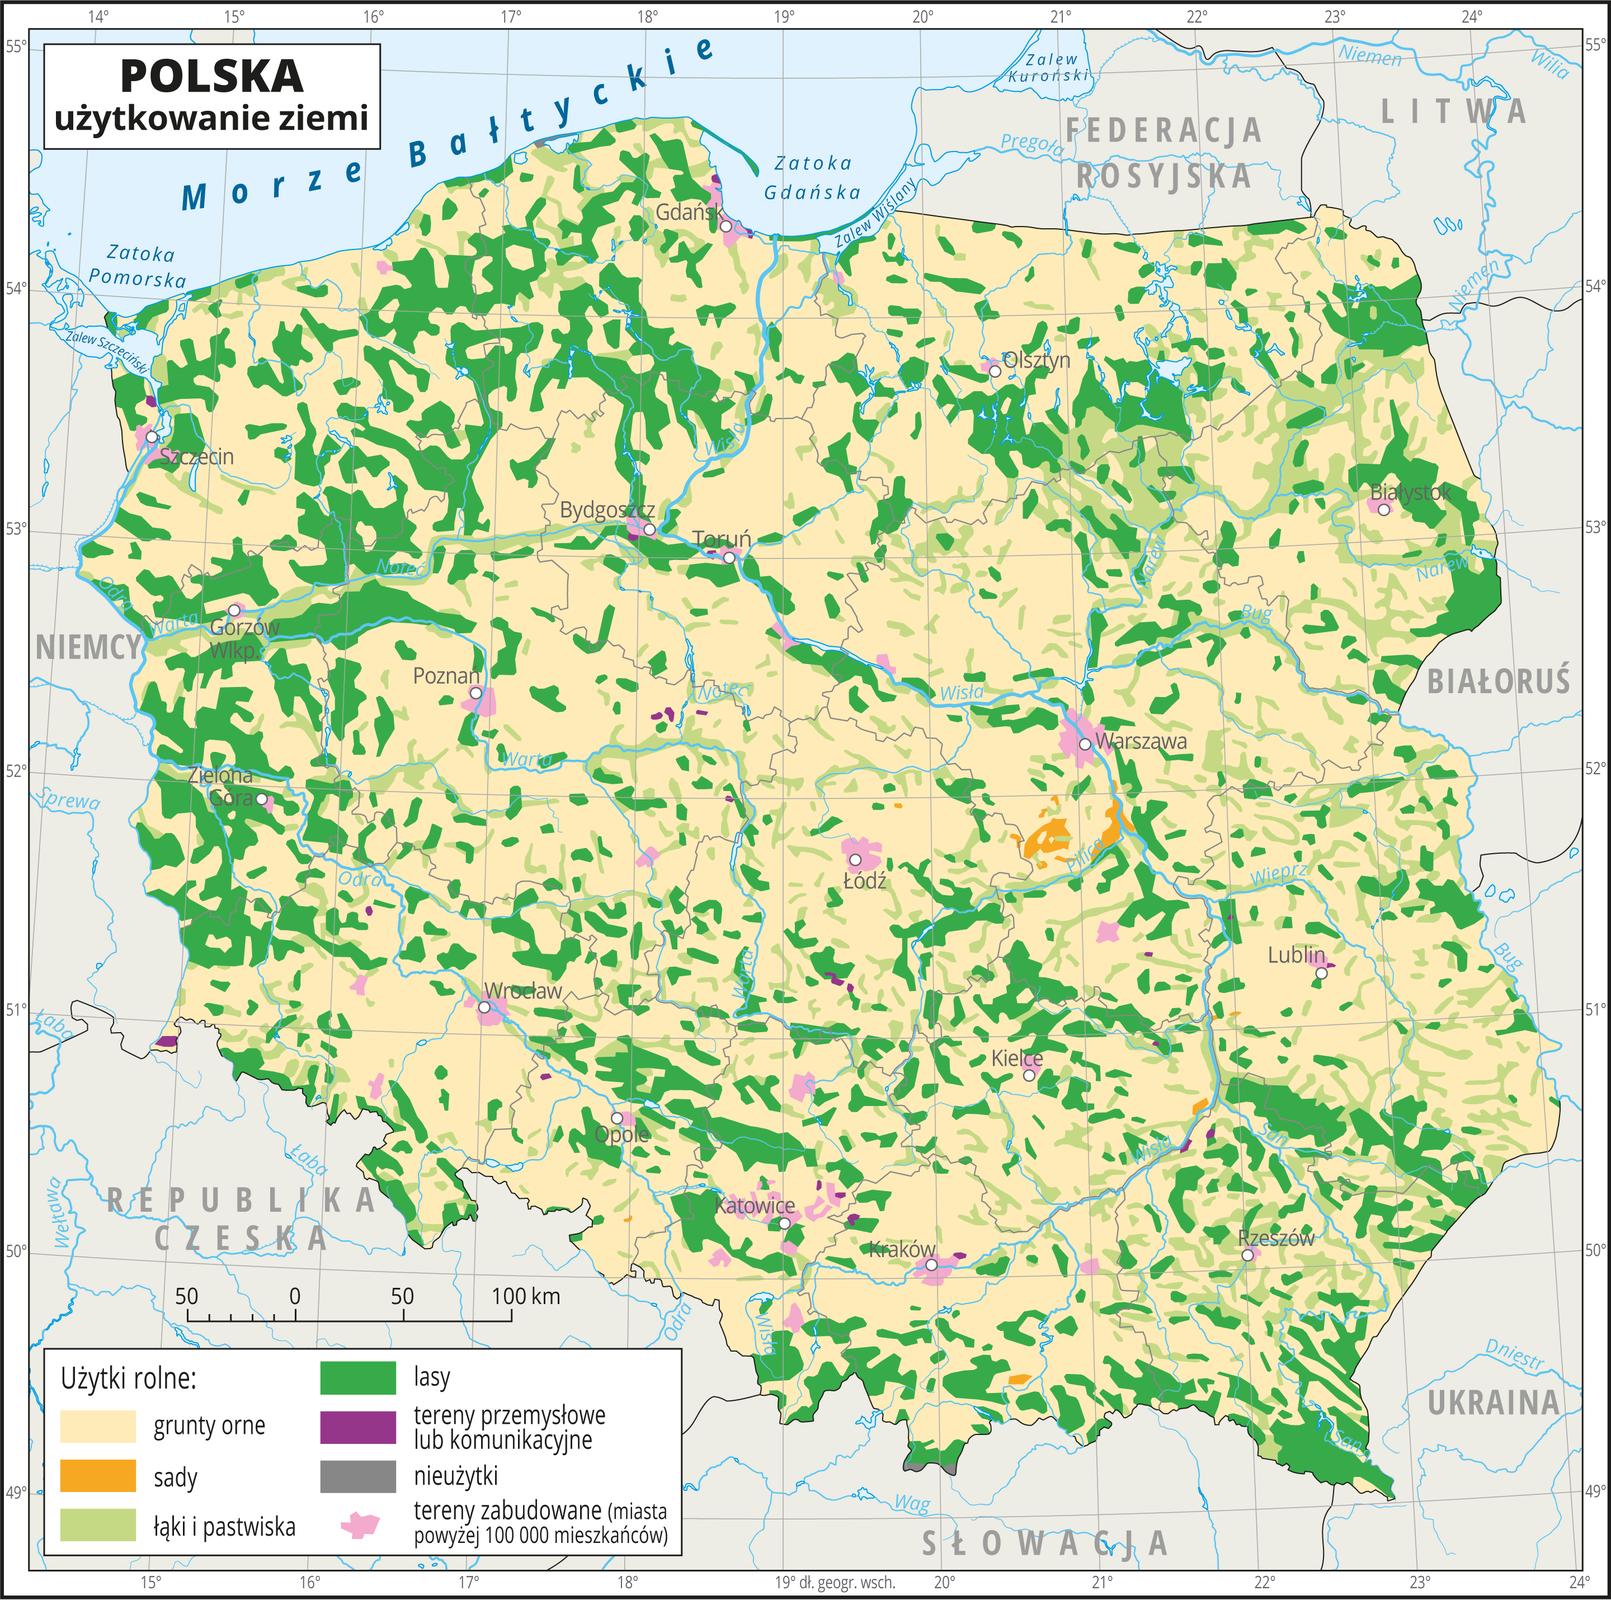 Ilustracja przedstawia mapę Polski. Na mapie za pomocą kolorów przedstawiono użytkowanie ziemi wPolsce. Oznaczono iopisano główne miasta. Granice województw oznaczono szarymi liniami. Opisano państwa sąsiadujące. Na mapie kolorem kremowym oznaczono grunty orne, zajmujące większą część Polski. Kolorem jasnozielonym oznaczono łąki ipastwiska. Występują one nierównomiernie na terenie całego kraju ale największe ich skupisko jest we wschodniej części Polski. Kolorem zielonym oznaczono występowanie lasów, które występują nierównomiernie na terenie całego kraju. Kolorem różowym oznaczono tereny zabudowane, które pokrywają się zpołożeniem miast. Kolorem pomarańczowym oznaczono sady, które skupione są wwojewództwie mazowieckim. Dookoła mapy wbiałej ramce opisano współrzędne geograficzne co jeden stopień. Wlegendzie na dole mapy objaśniono kolory użyte na mapie.